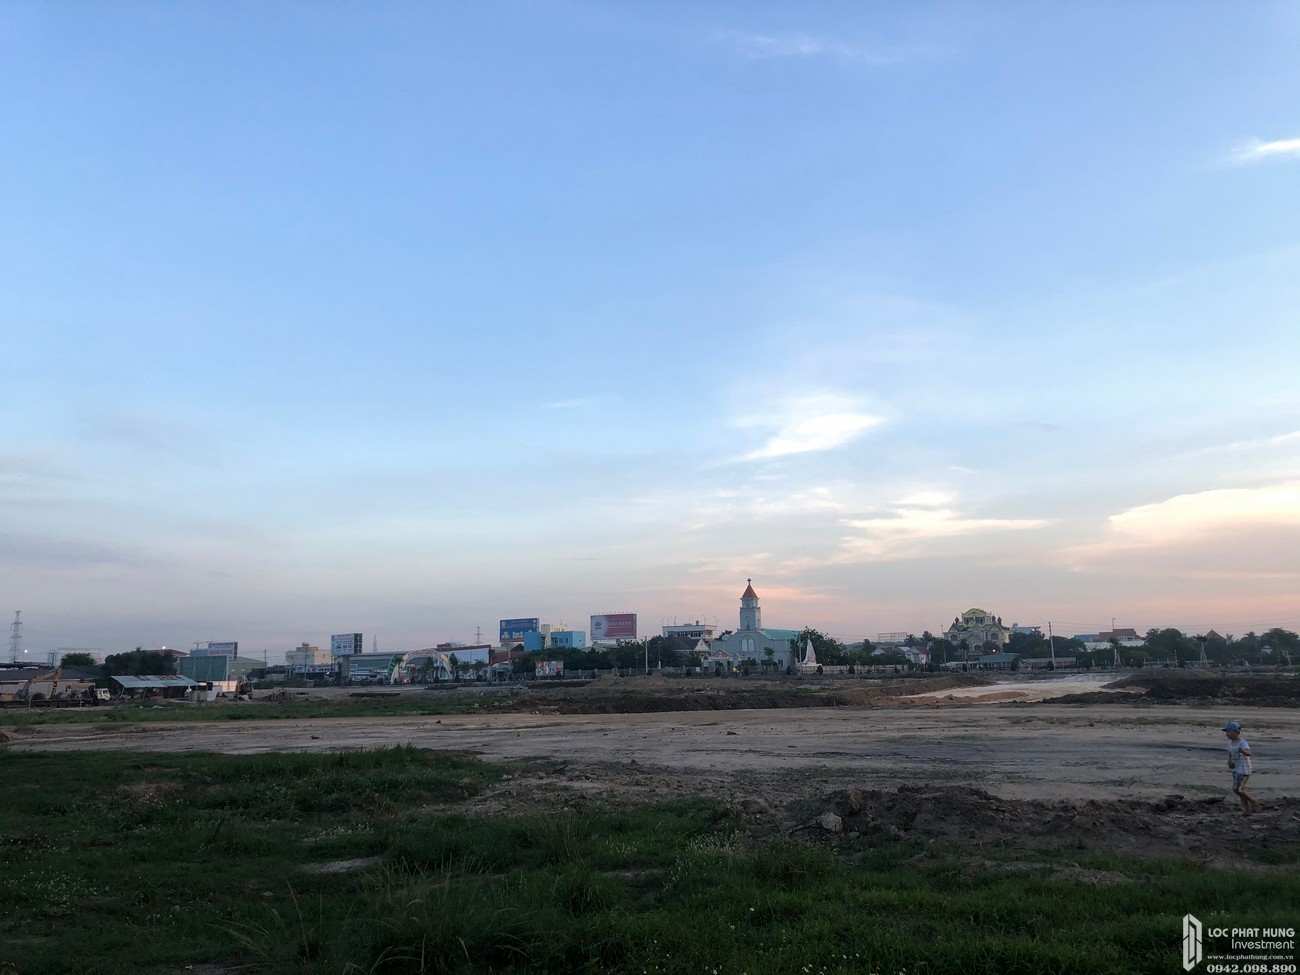 Tiến độ dự án căn hộ chung cư Hồ Gươm Xanh Thuận An City Thuận An Đường 136 ĐL Bình Dương chủ đầu tư TBS Land 24/04/2020